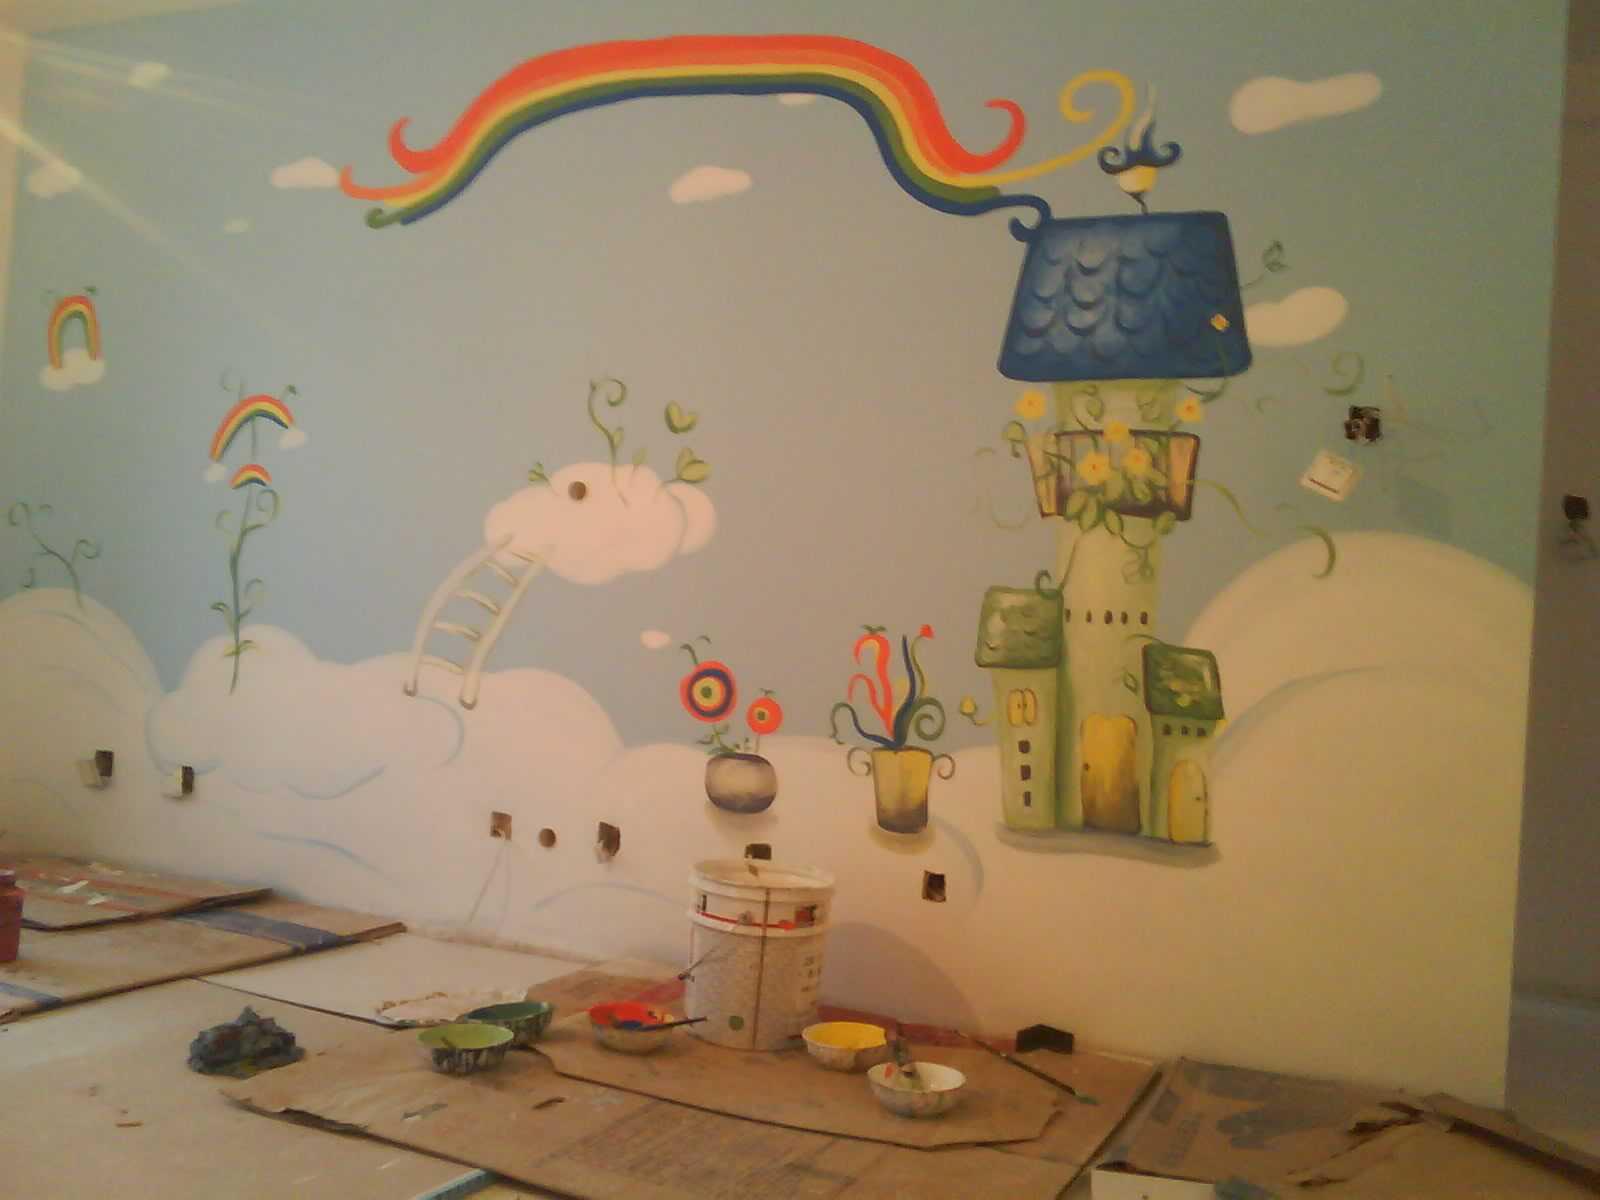 儿童房在墙绘的时候需要注意哪些地方呢?